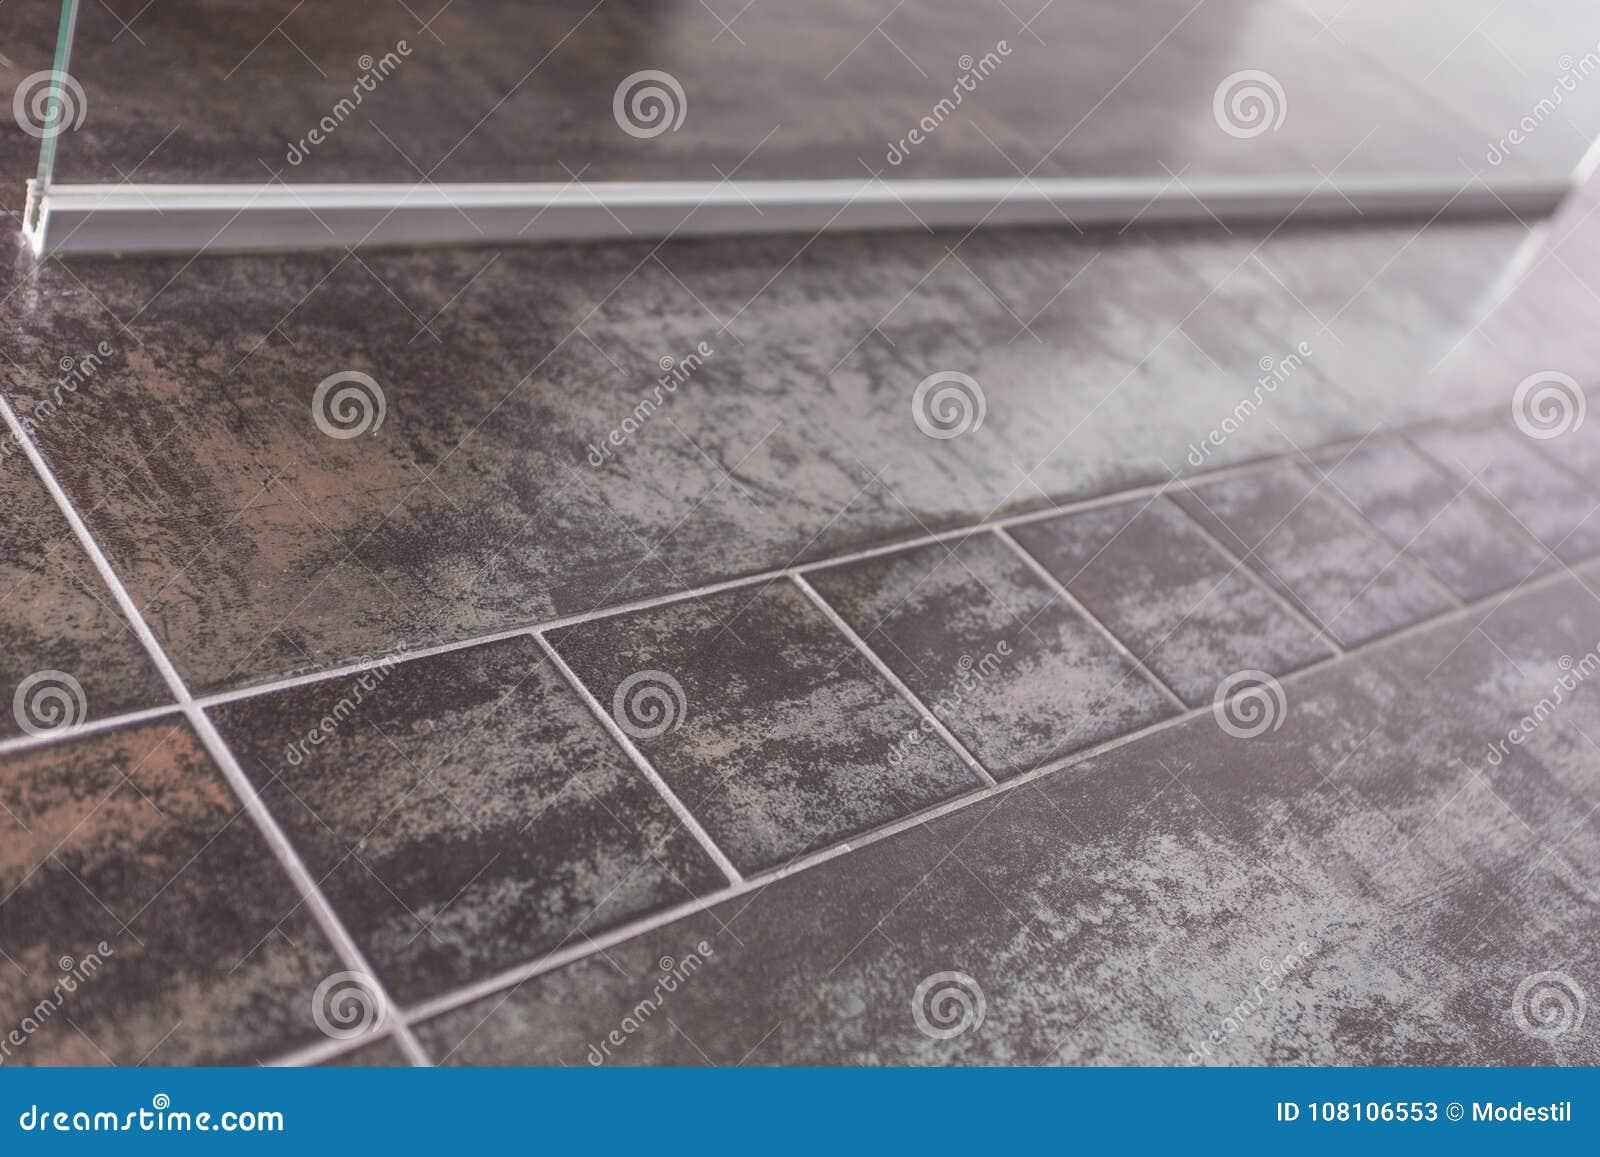 Fußbodenfarbe ~ Badezimmerboden designfliesen stockbild bild von fußboden farbe